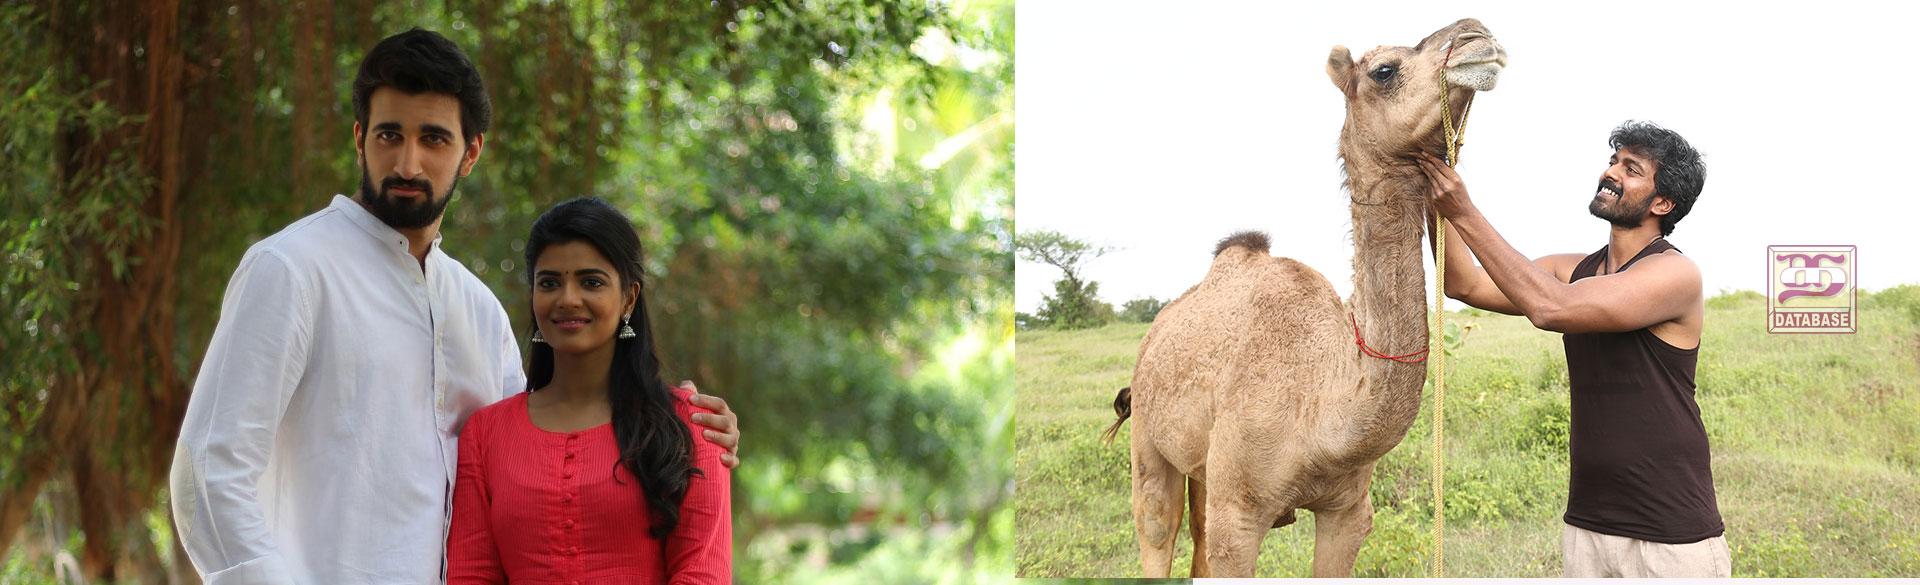 தமிழ் சினிமா - இன்று ஆகஸ்ட் 23, 2019 வெளியாகும் படங்கள்